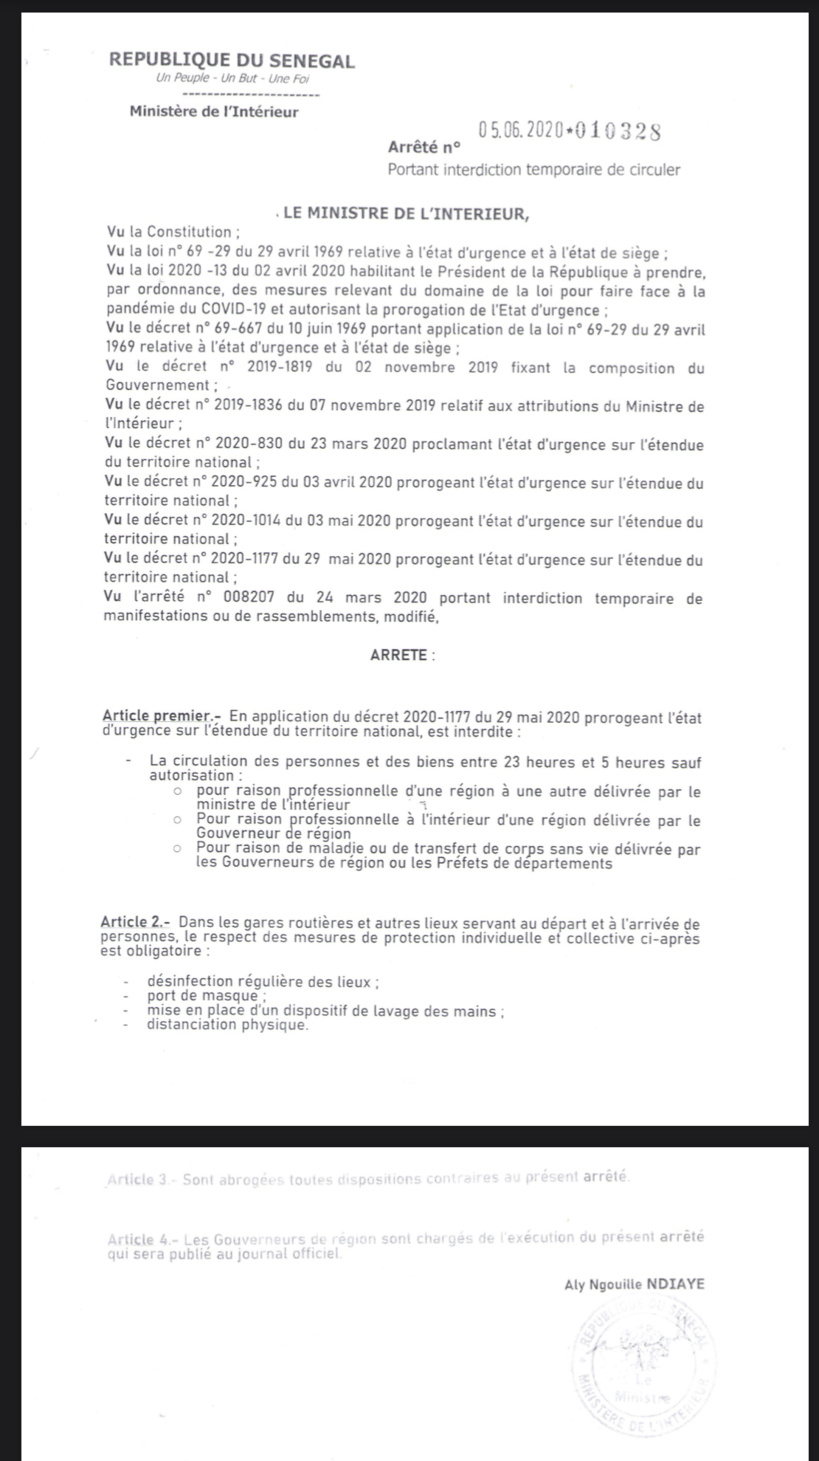 Les arrêtés du ministre Aly Ngouille Ndiaye sur les dernières mesures d'assouplissement de l'Etat d'urgence... Couvre-feu, transports interurbains (Documents)